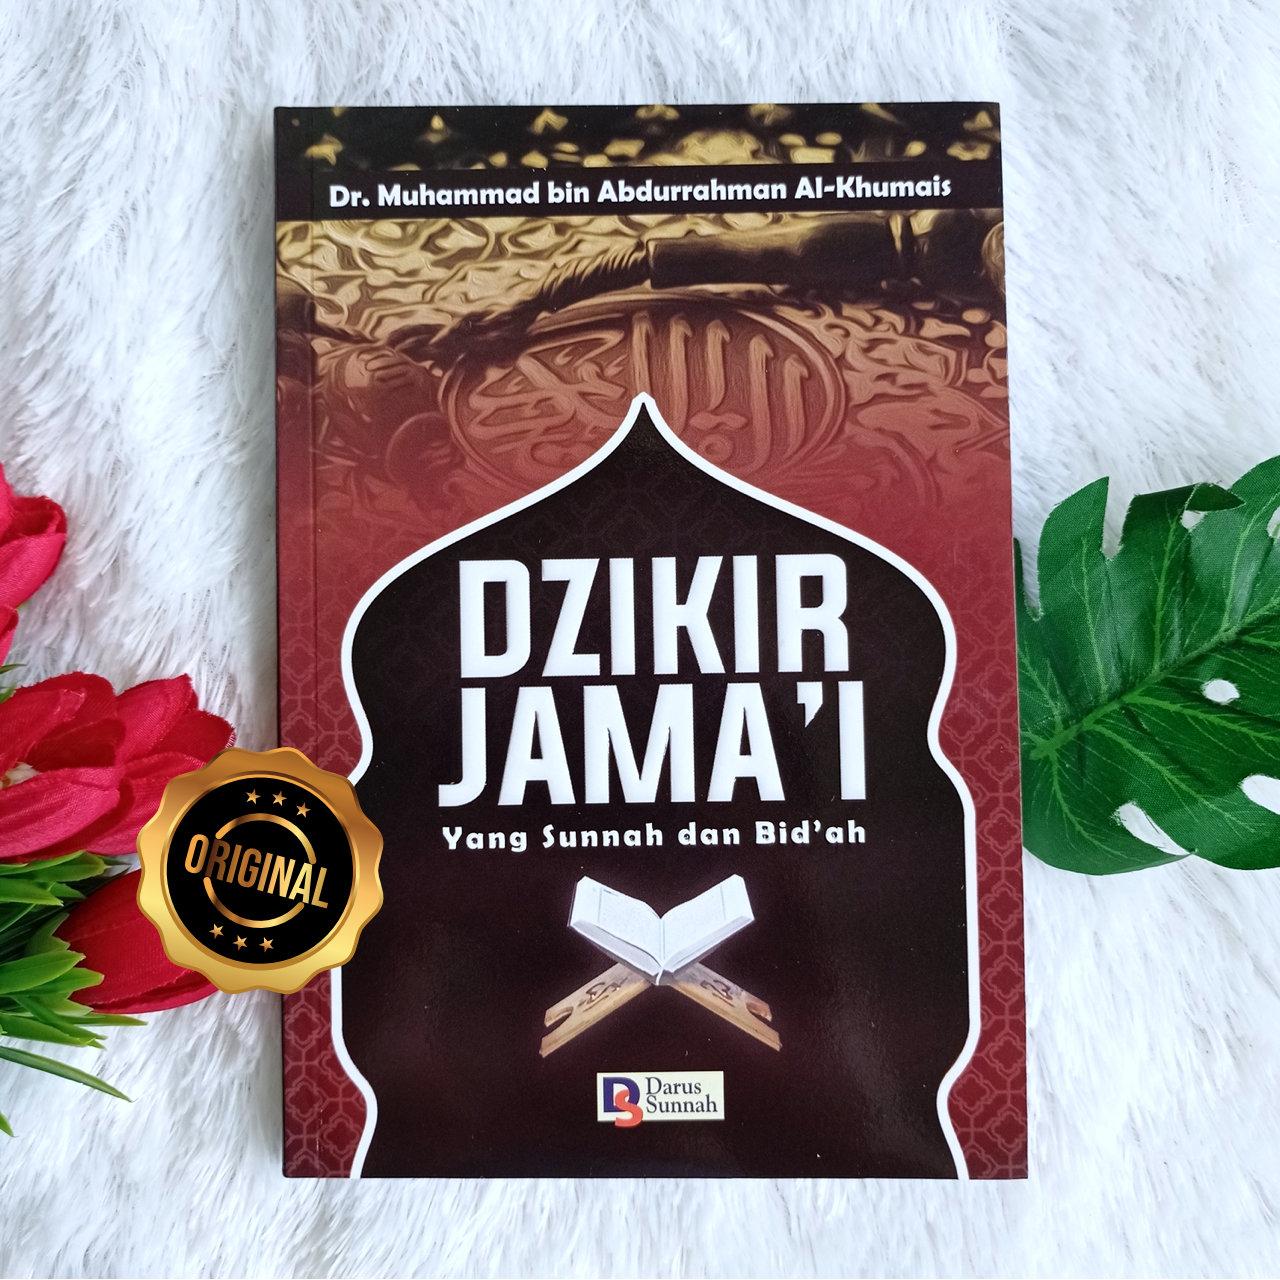 Buku Dzikir Jama'i Yang Sunnah Dan Bid'ah